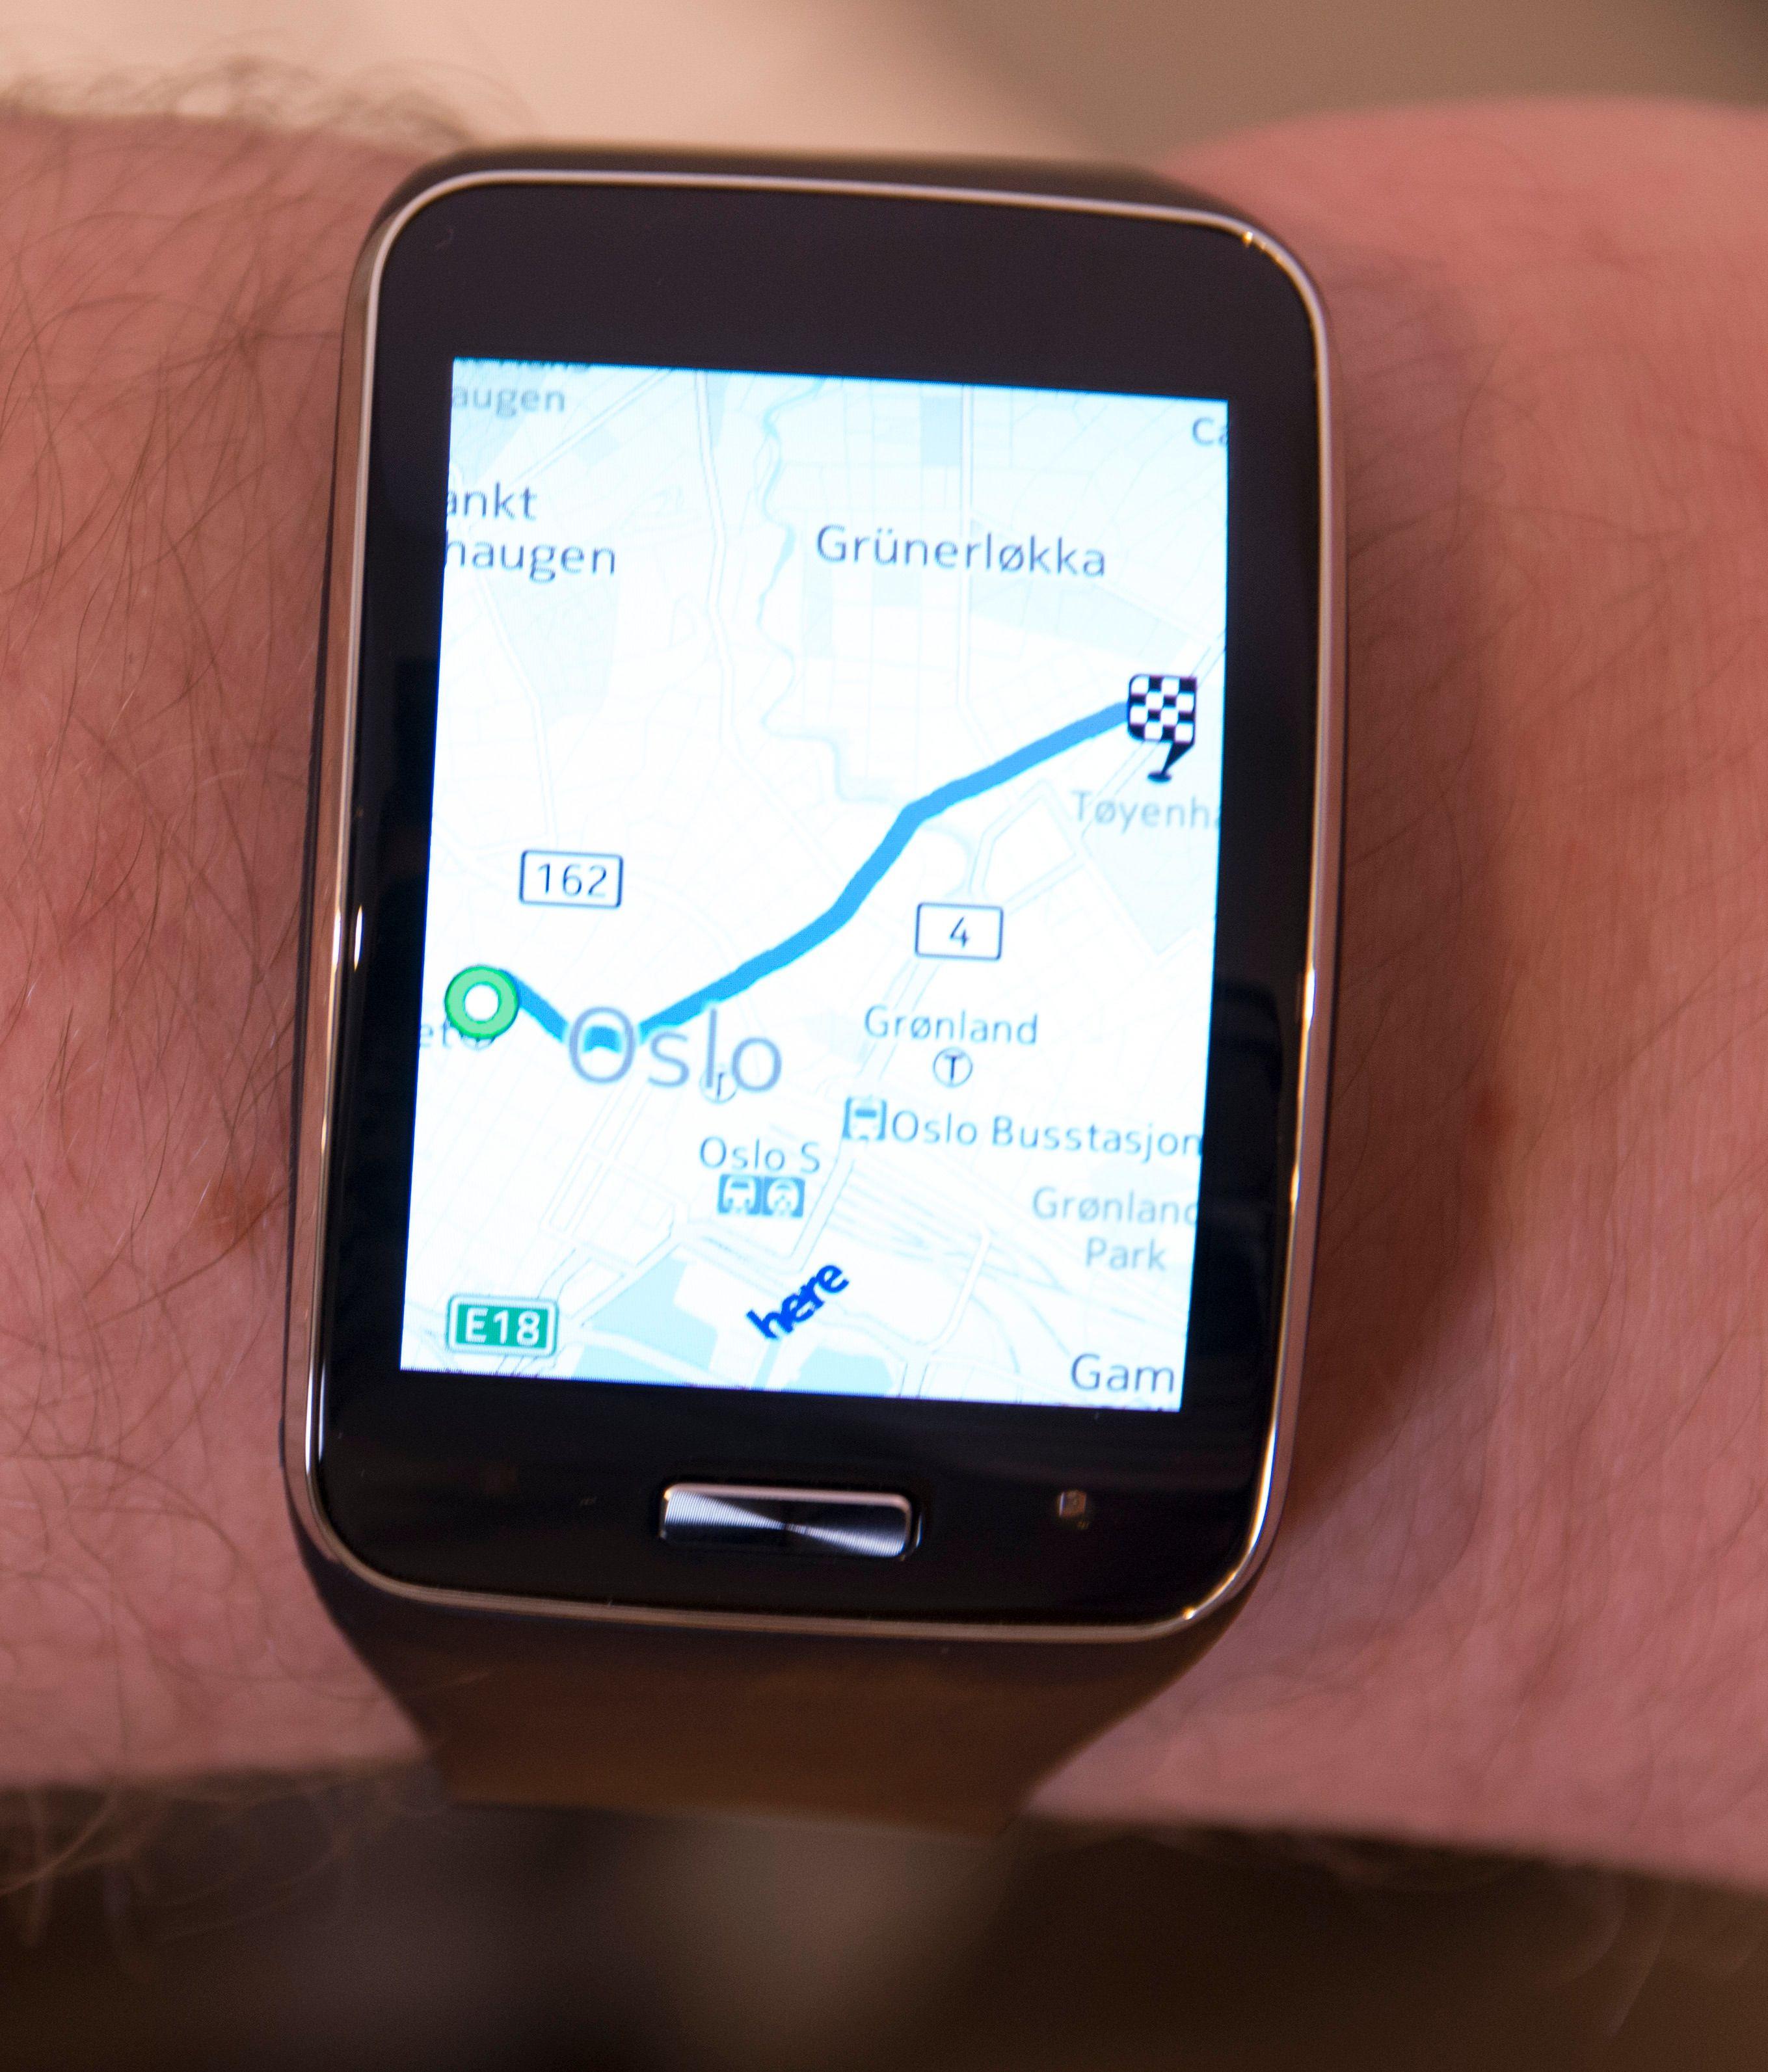 Klokken tilbyr full navigasjon med Nokias Here-tjenester.Foto: Kurt Lekanger, Tek.no